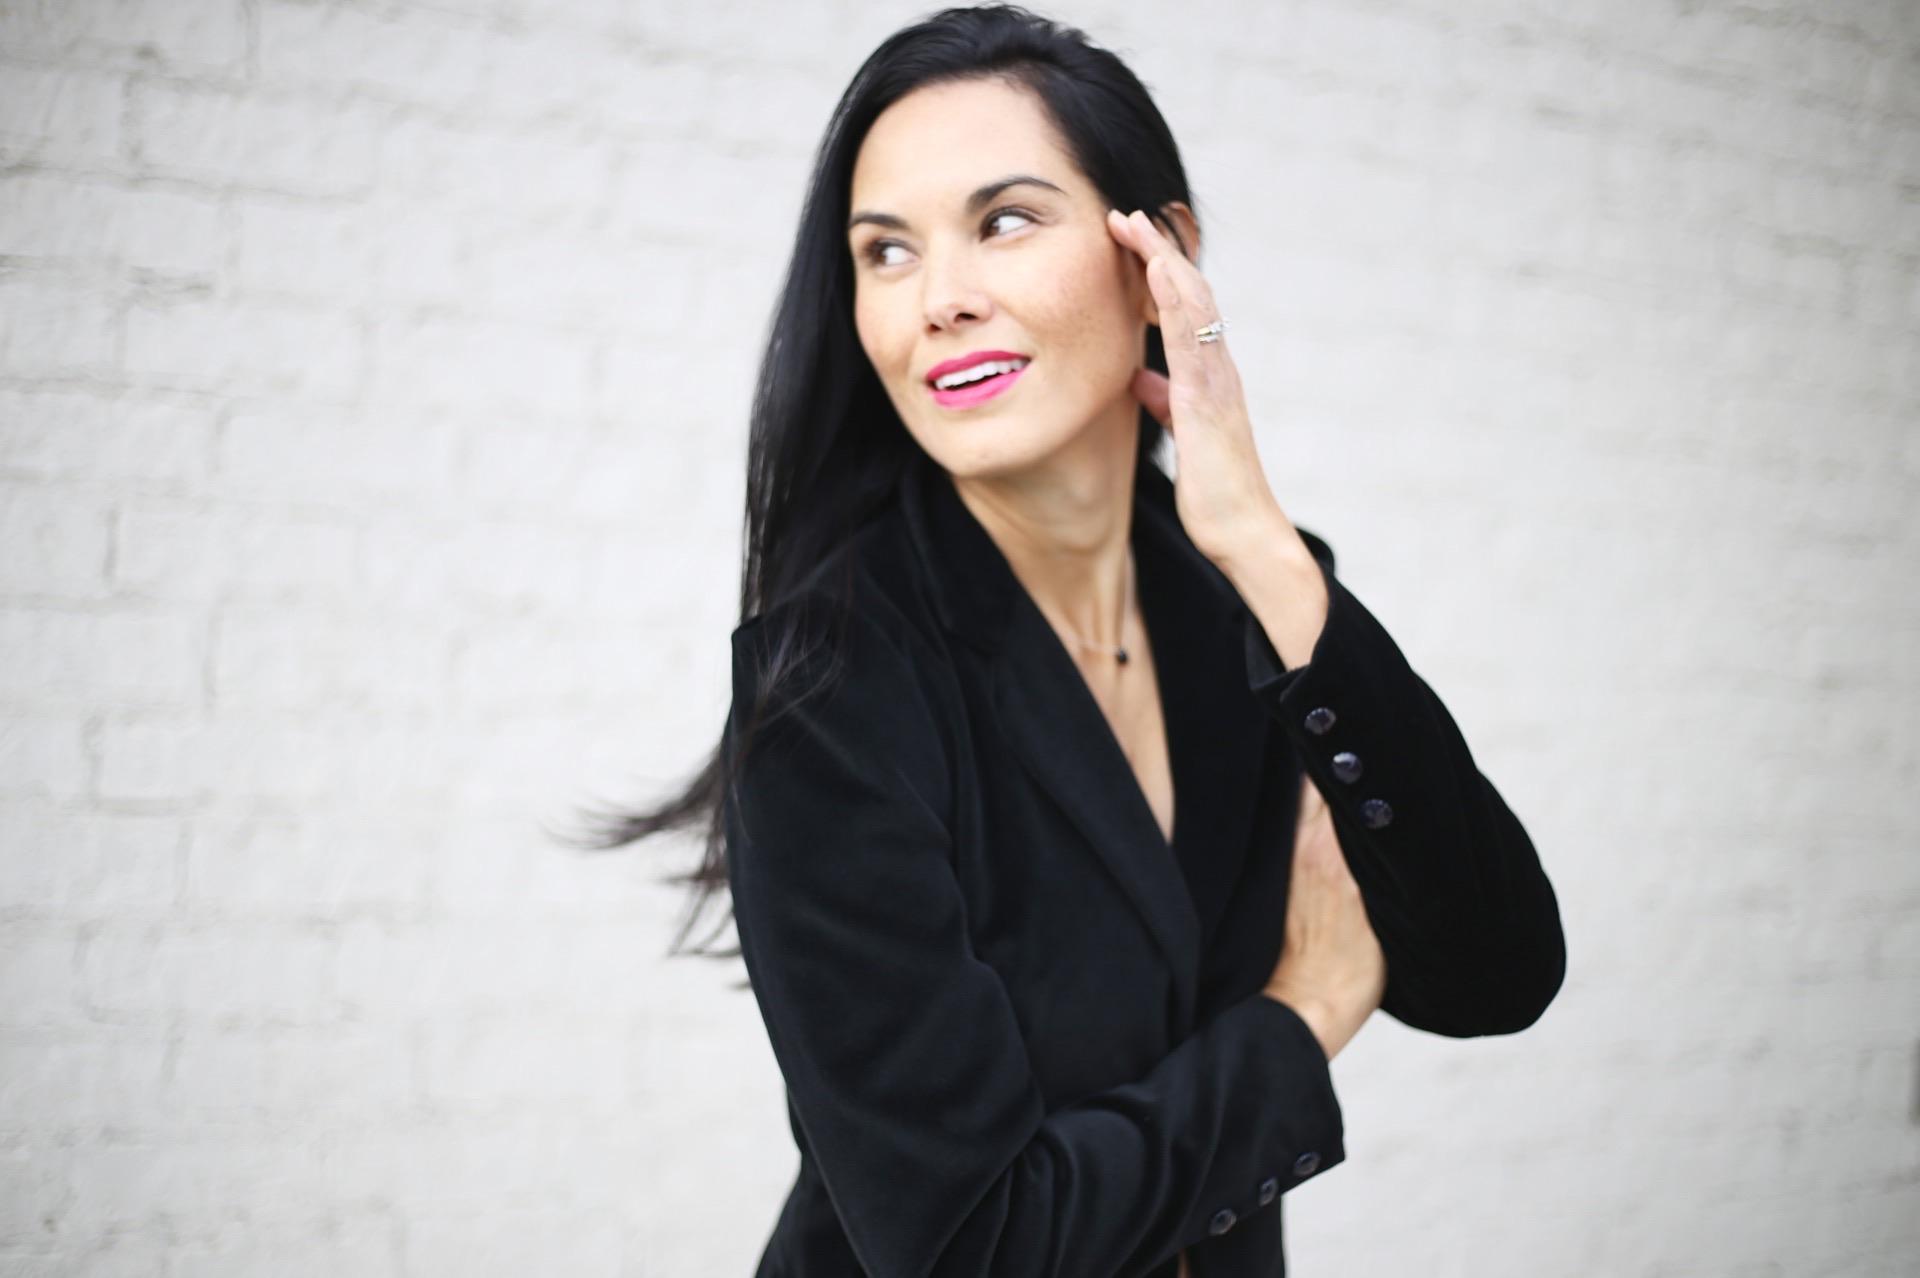 velvet blazer ( similar ) | Nars  lipstick  | photo by Sydney Clawson |